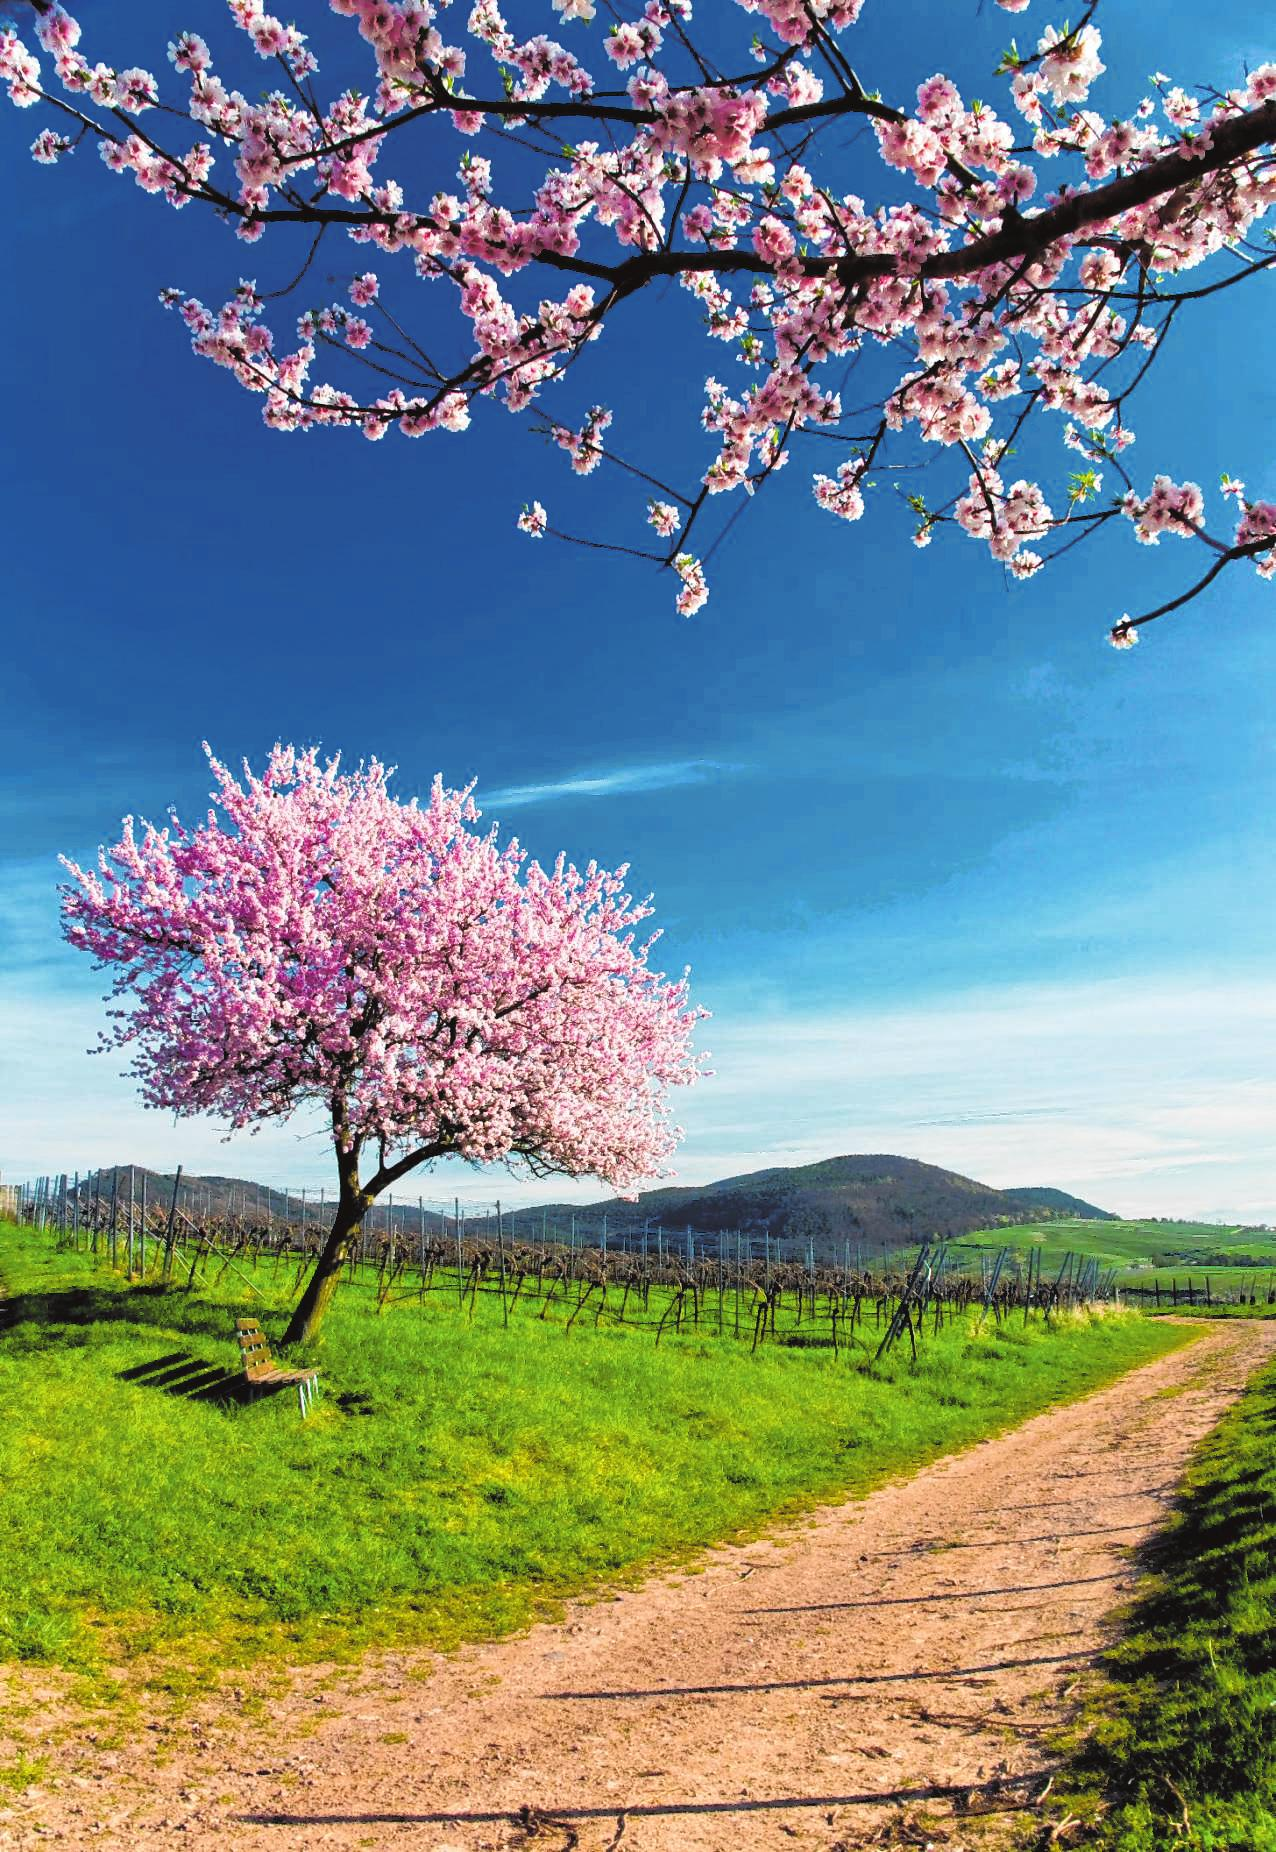 Der Frühling ist da Image 1